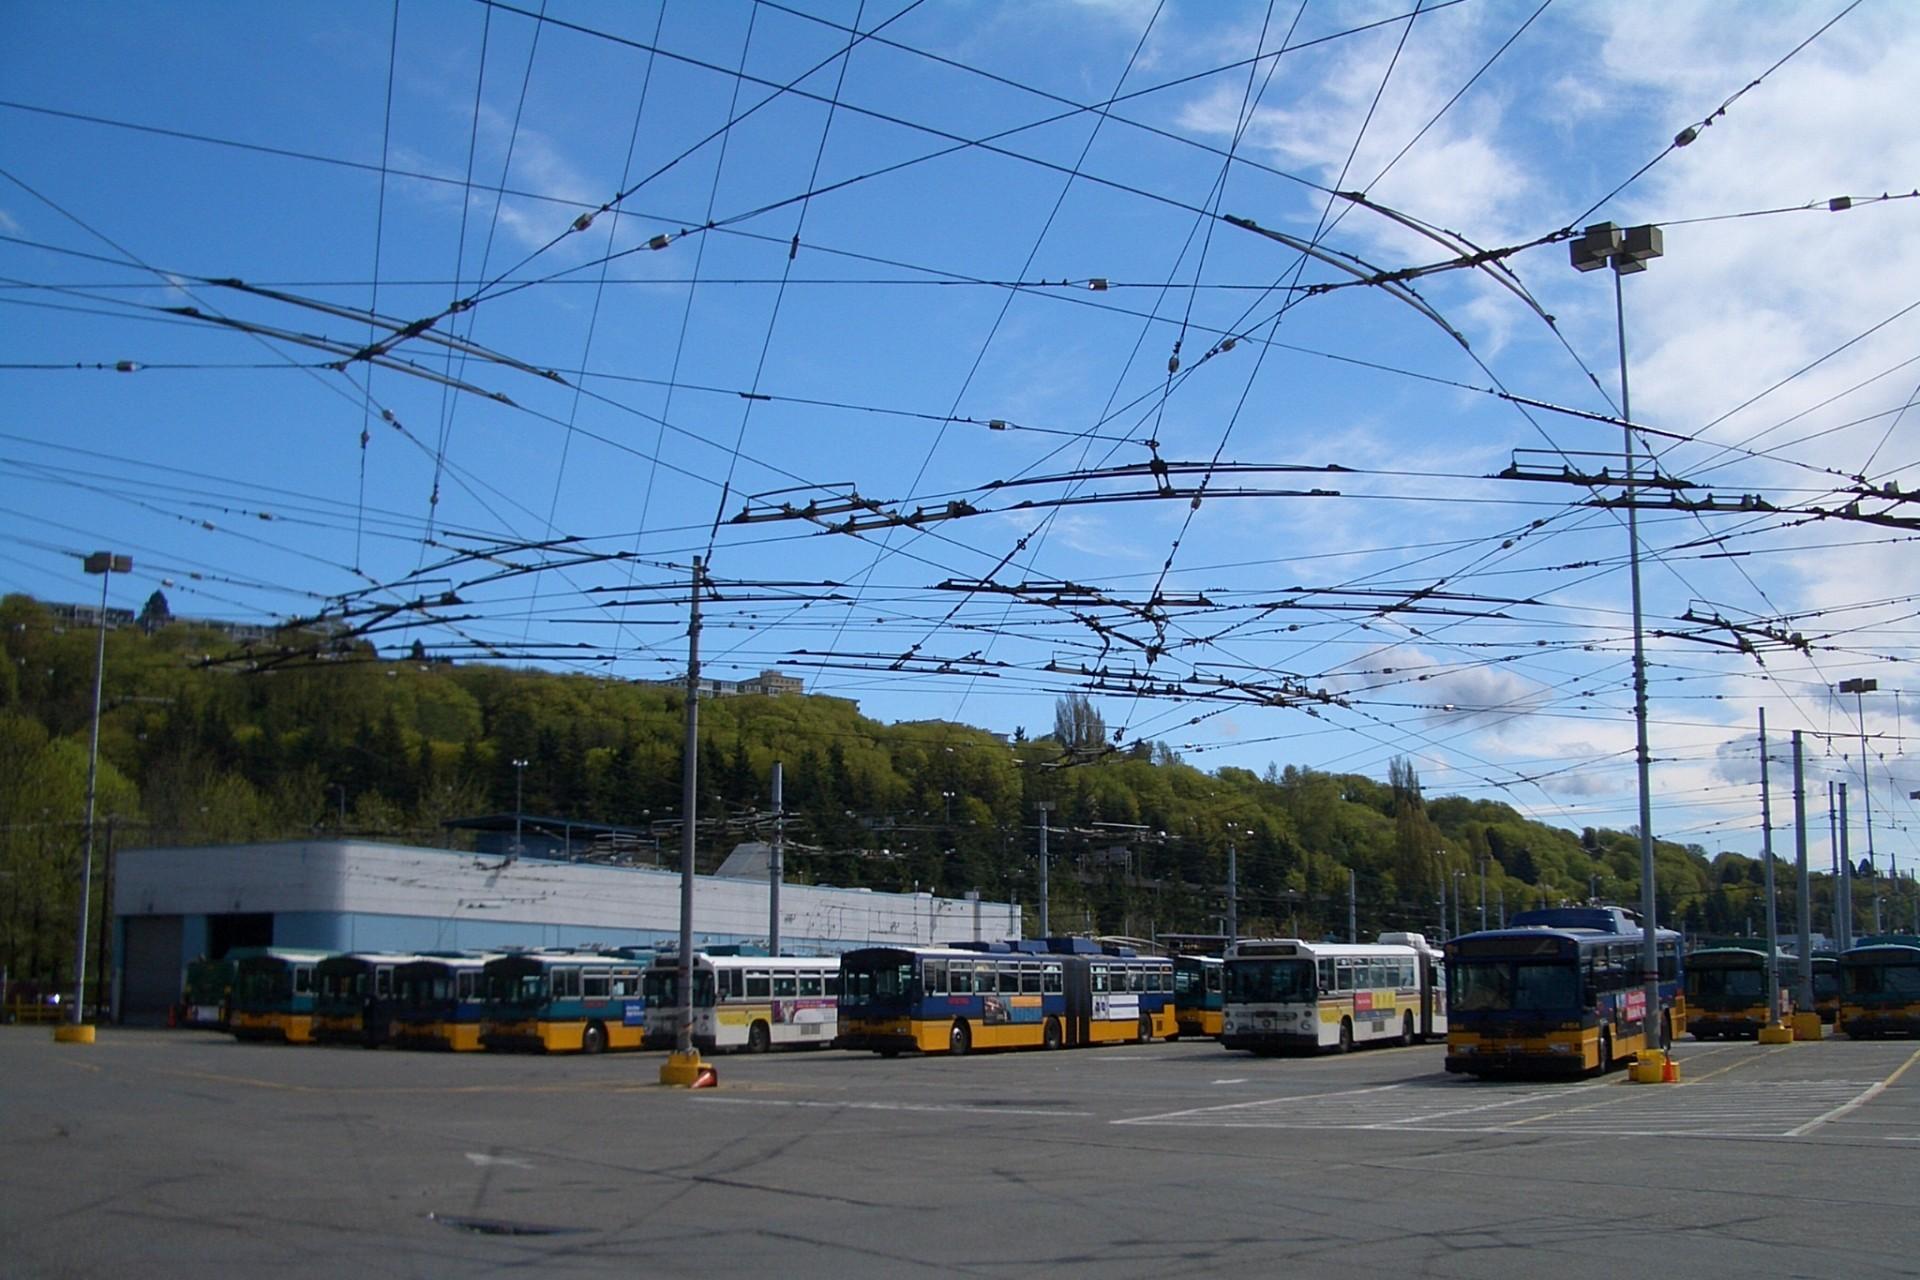 Швеция открыла электрическое шоссе длиной 2 км для грузовиков - 4